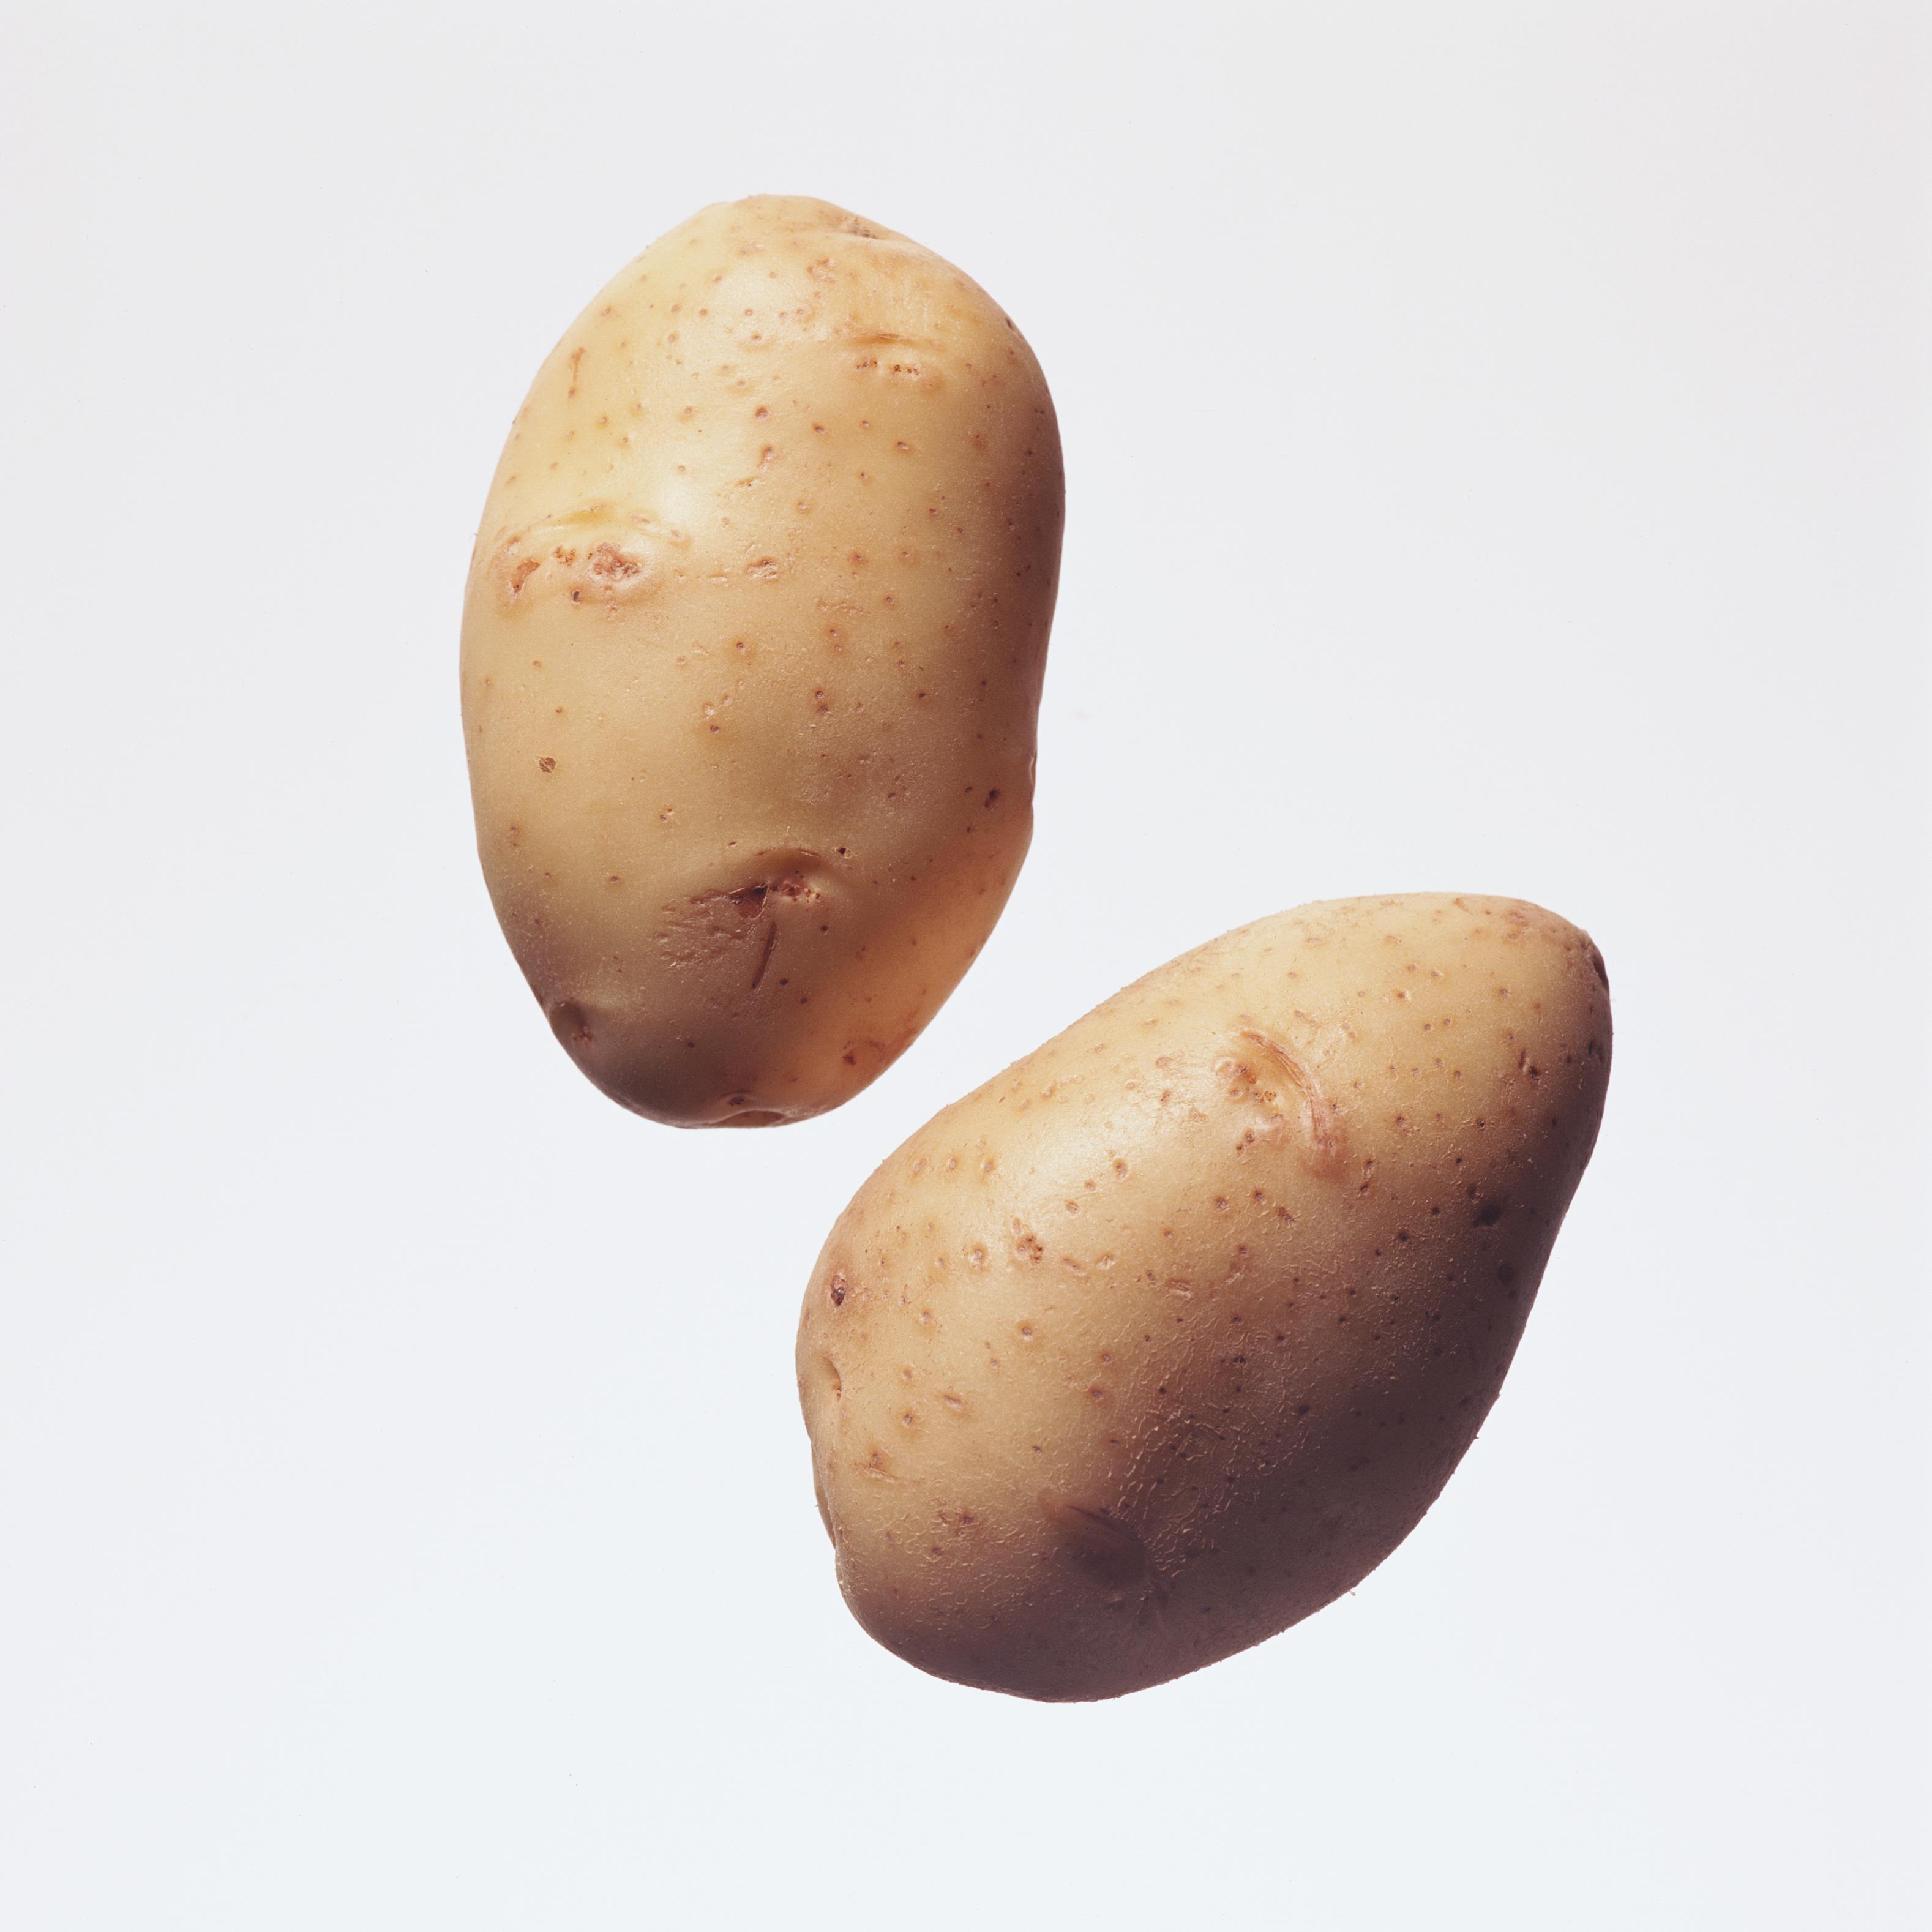 Две картошки